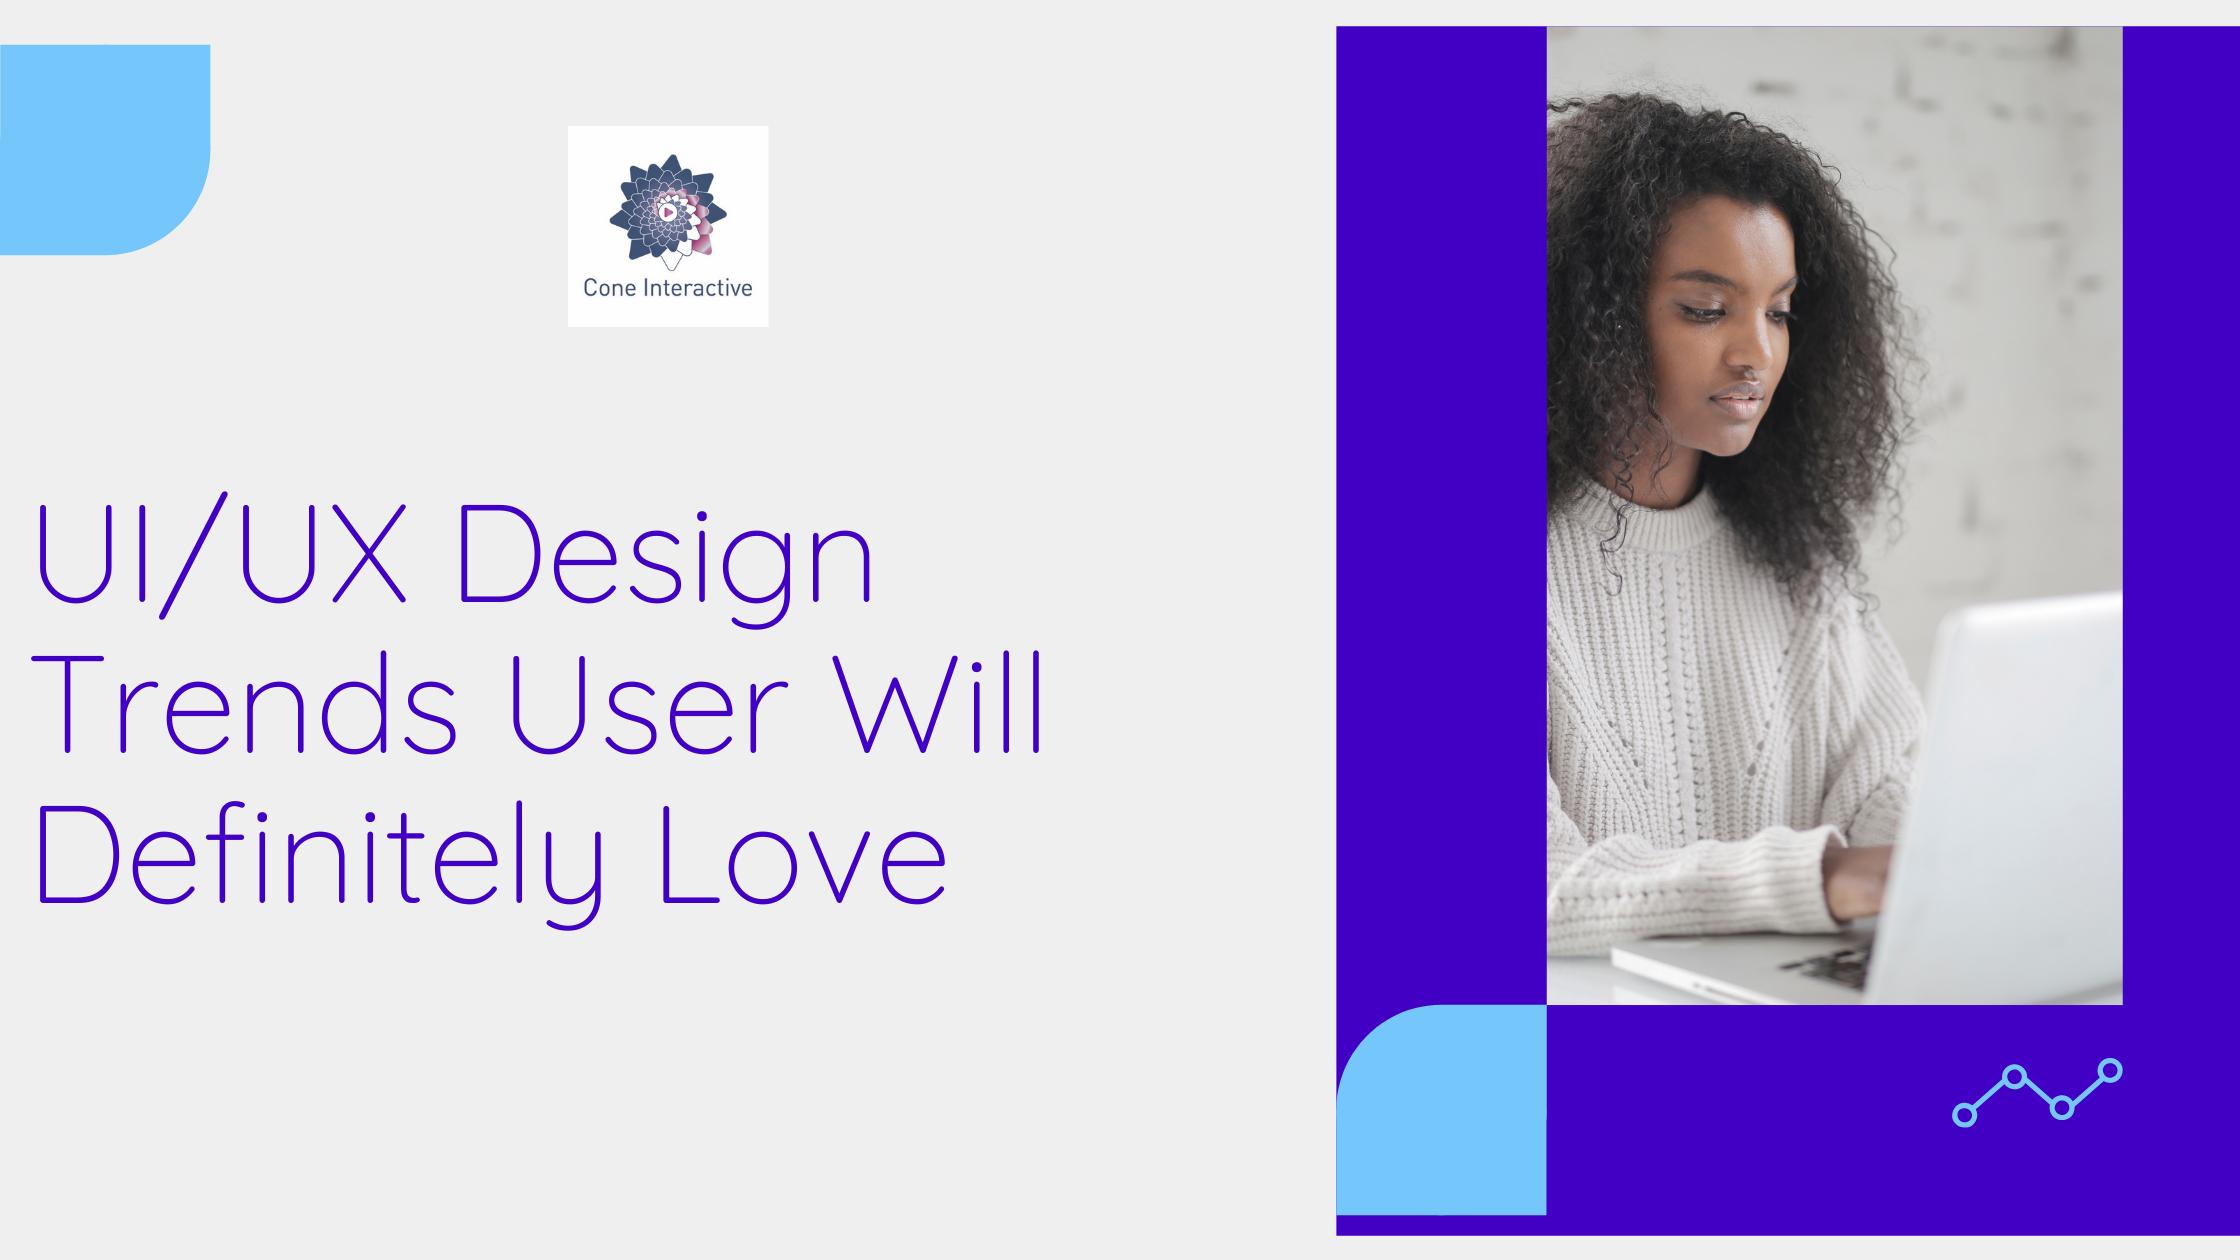 UI UX design trends